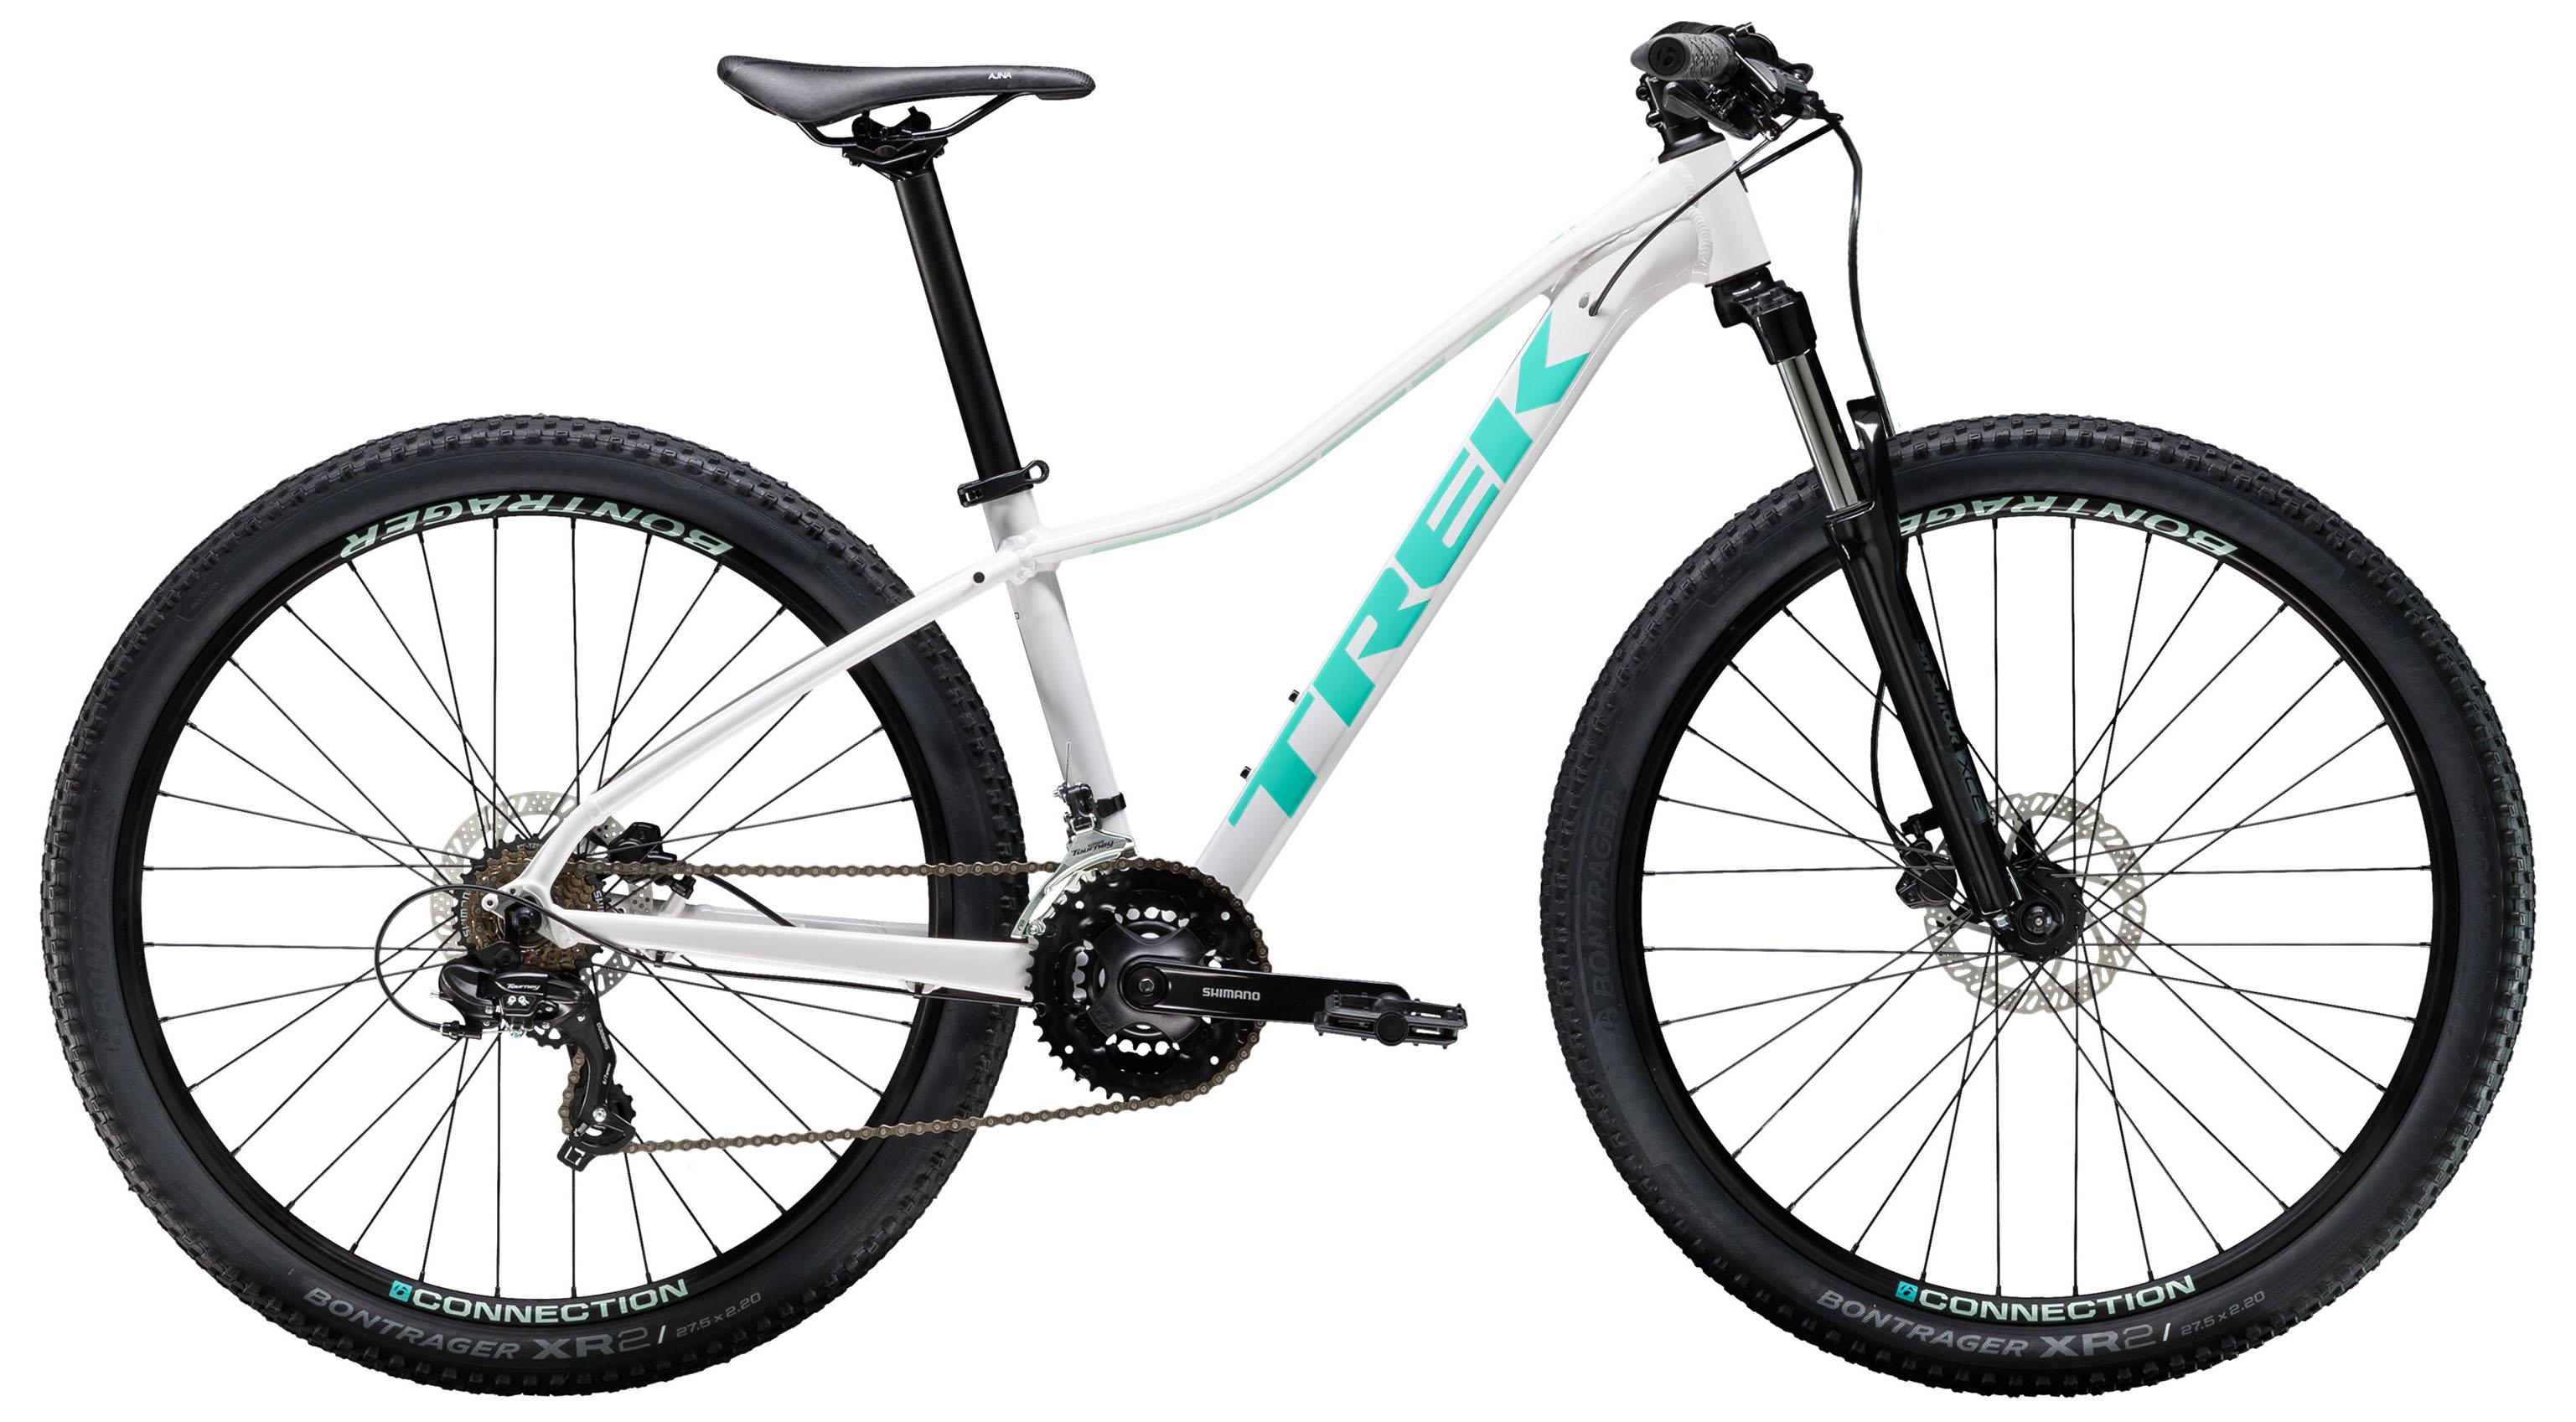 цена Велосипед Trek Marlin 5 27,5 Womens 2019